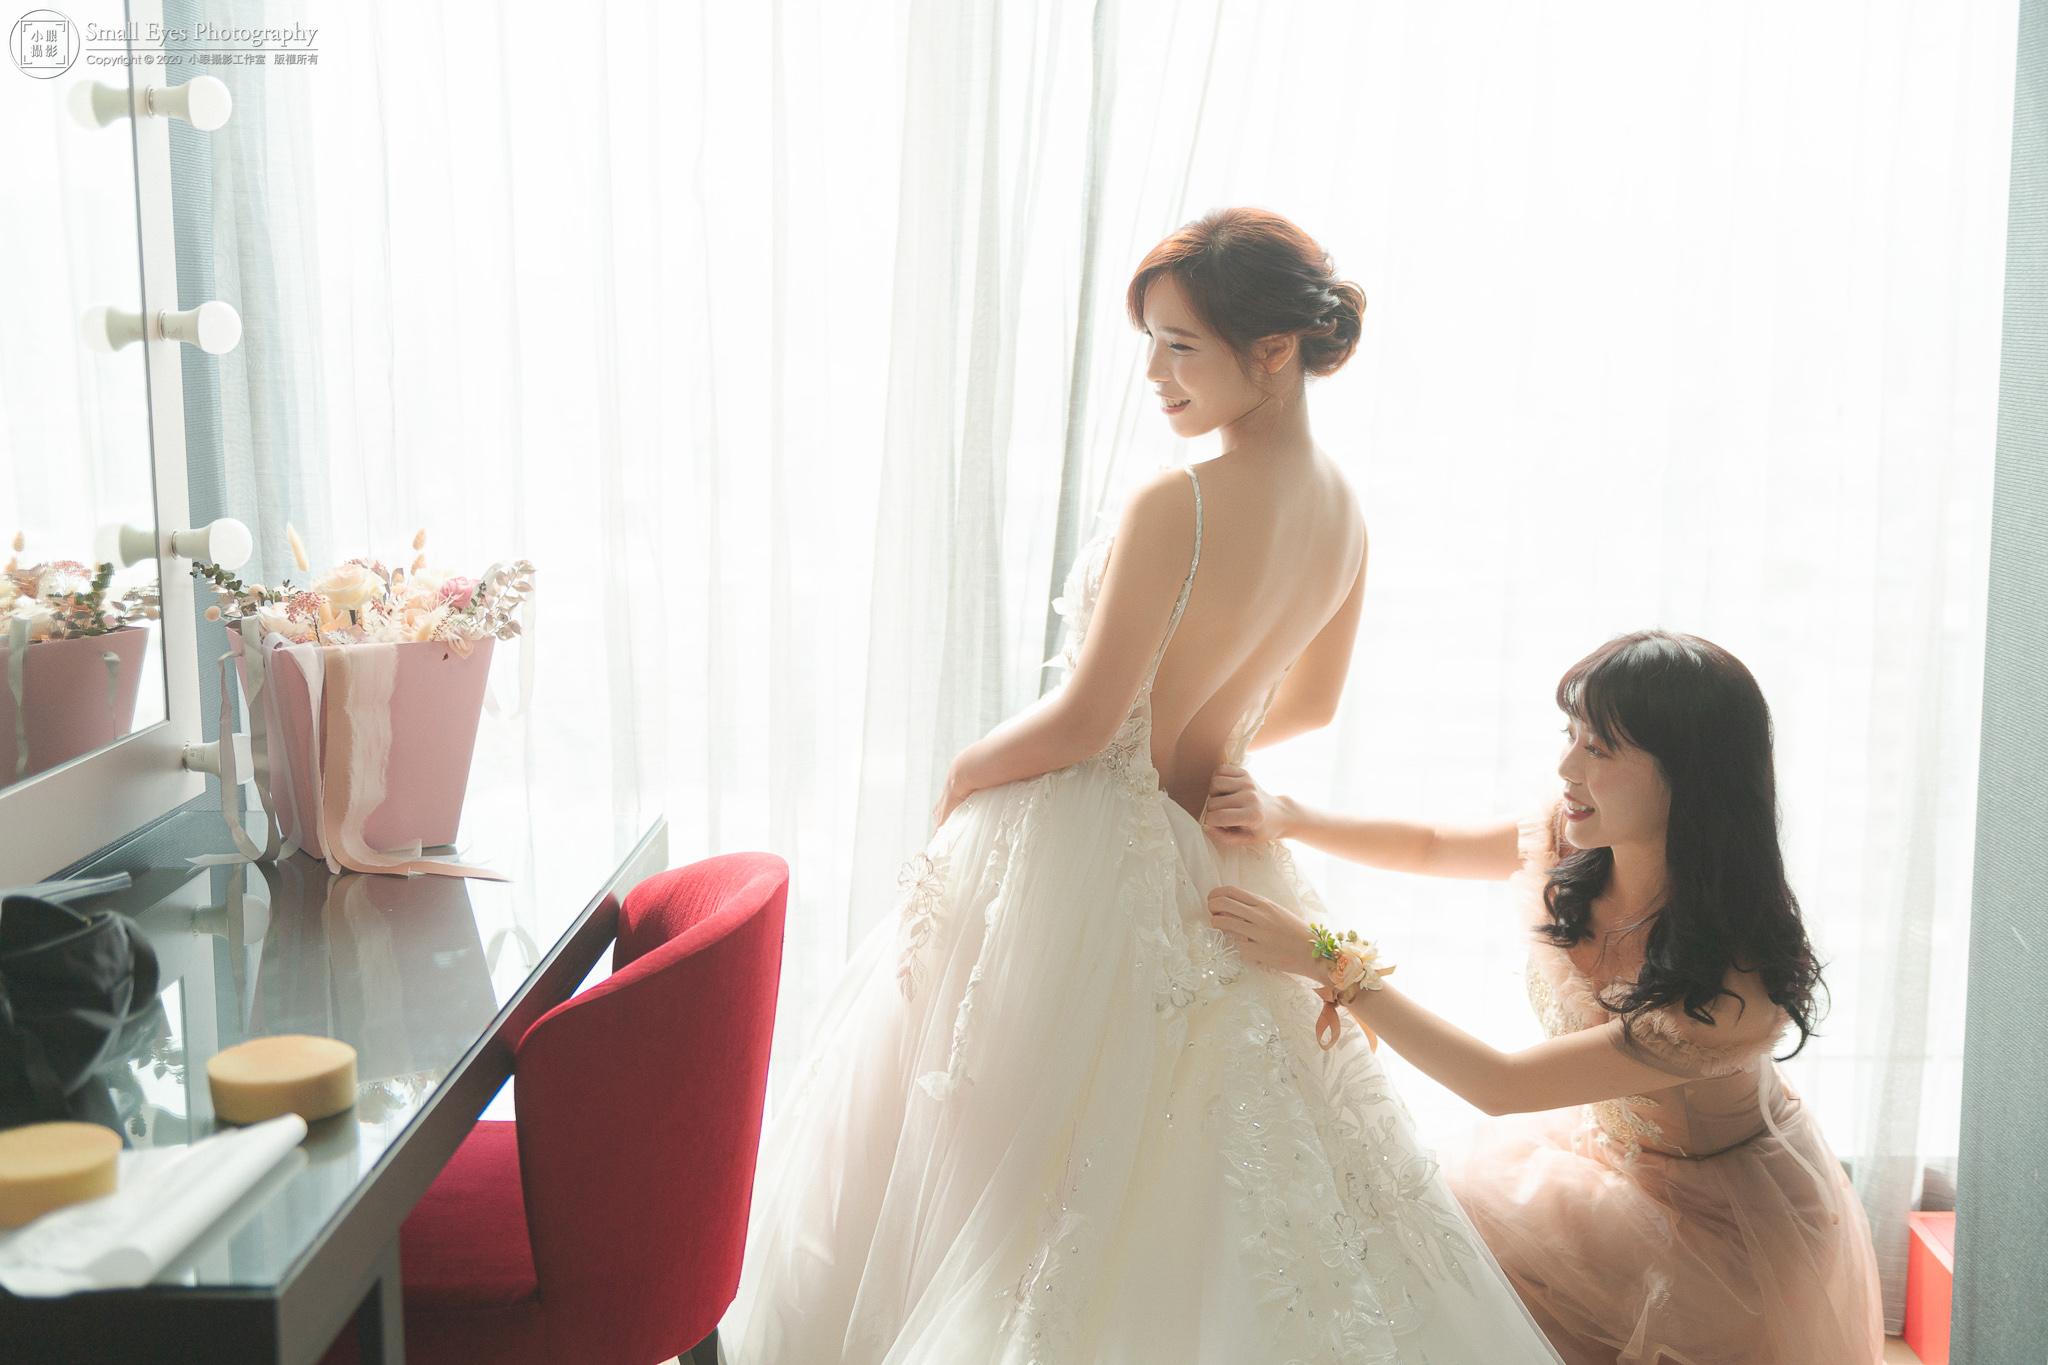 小眼攝影,傅祐承,婚禮攝影,婚攝,婚禮紀實,婚禮紀錄,貳月婚紗,新秘瓜瓜,迎娶,台北,格萊天漾,裸背